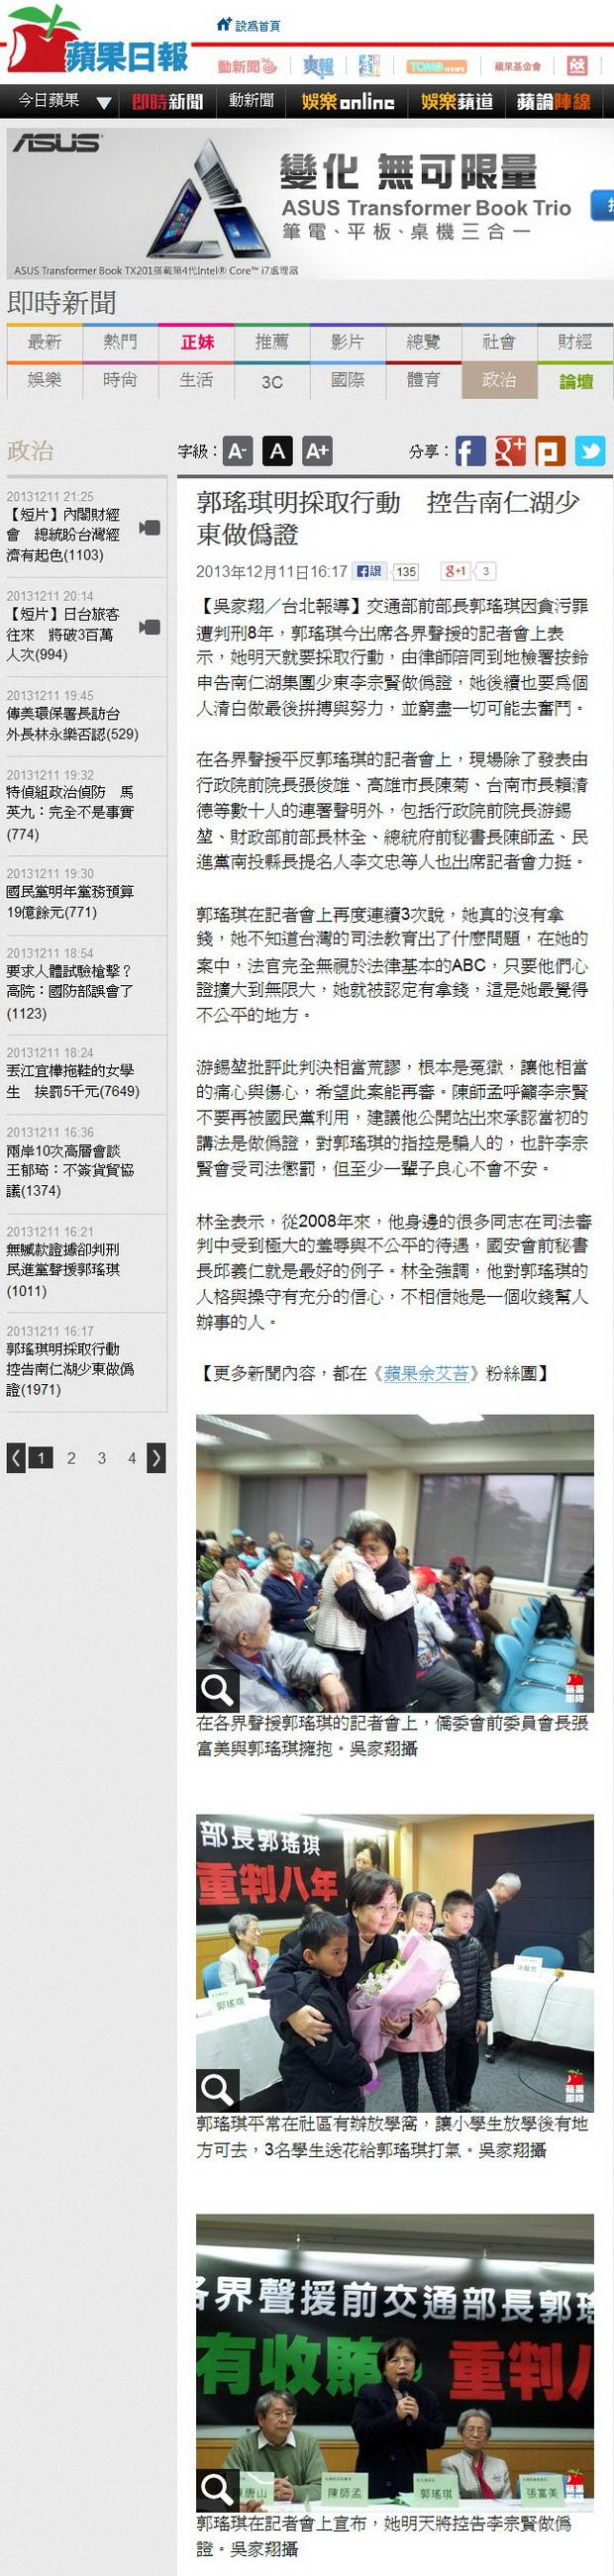 郭瑤琪明採取行動 控告南仁湖少東做偽證-2013.12.11.jpg